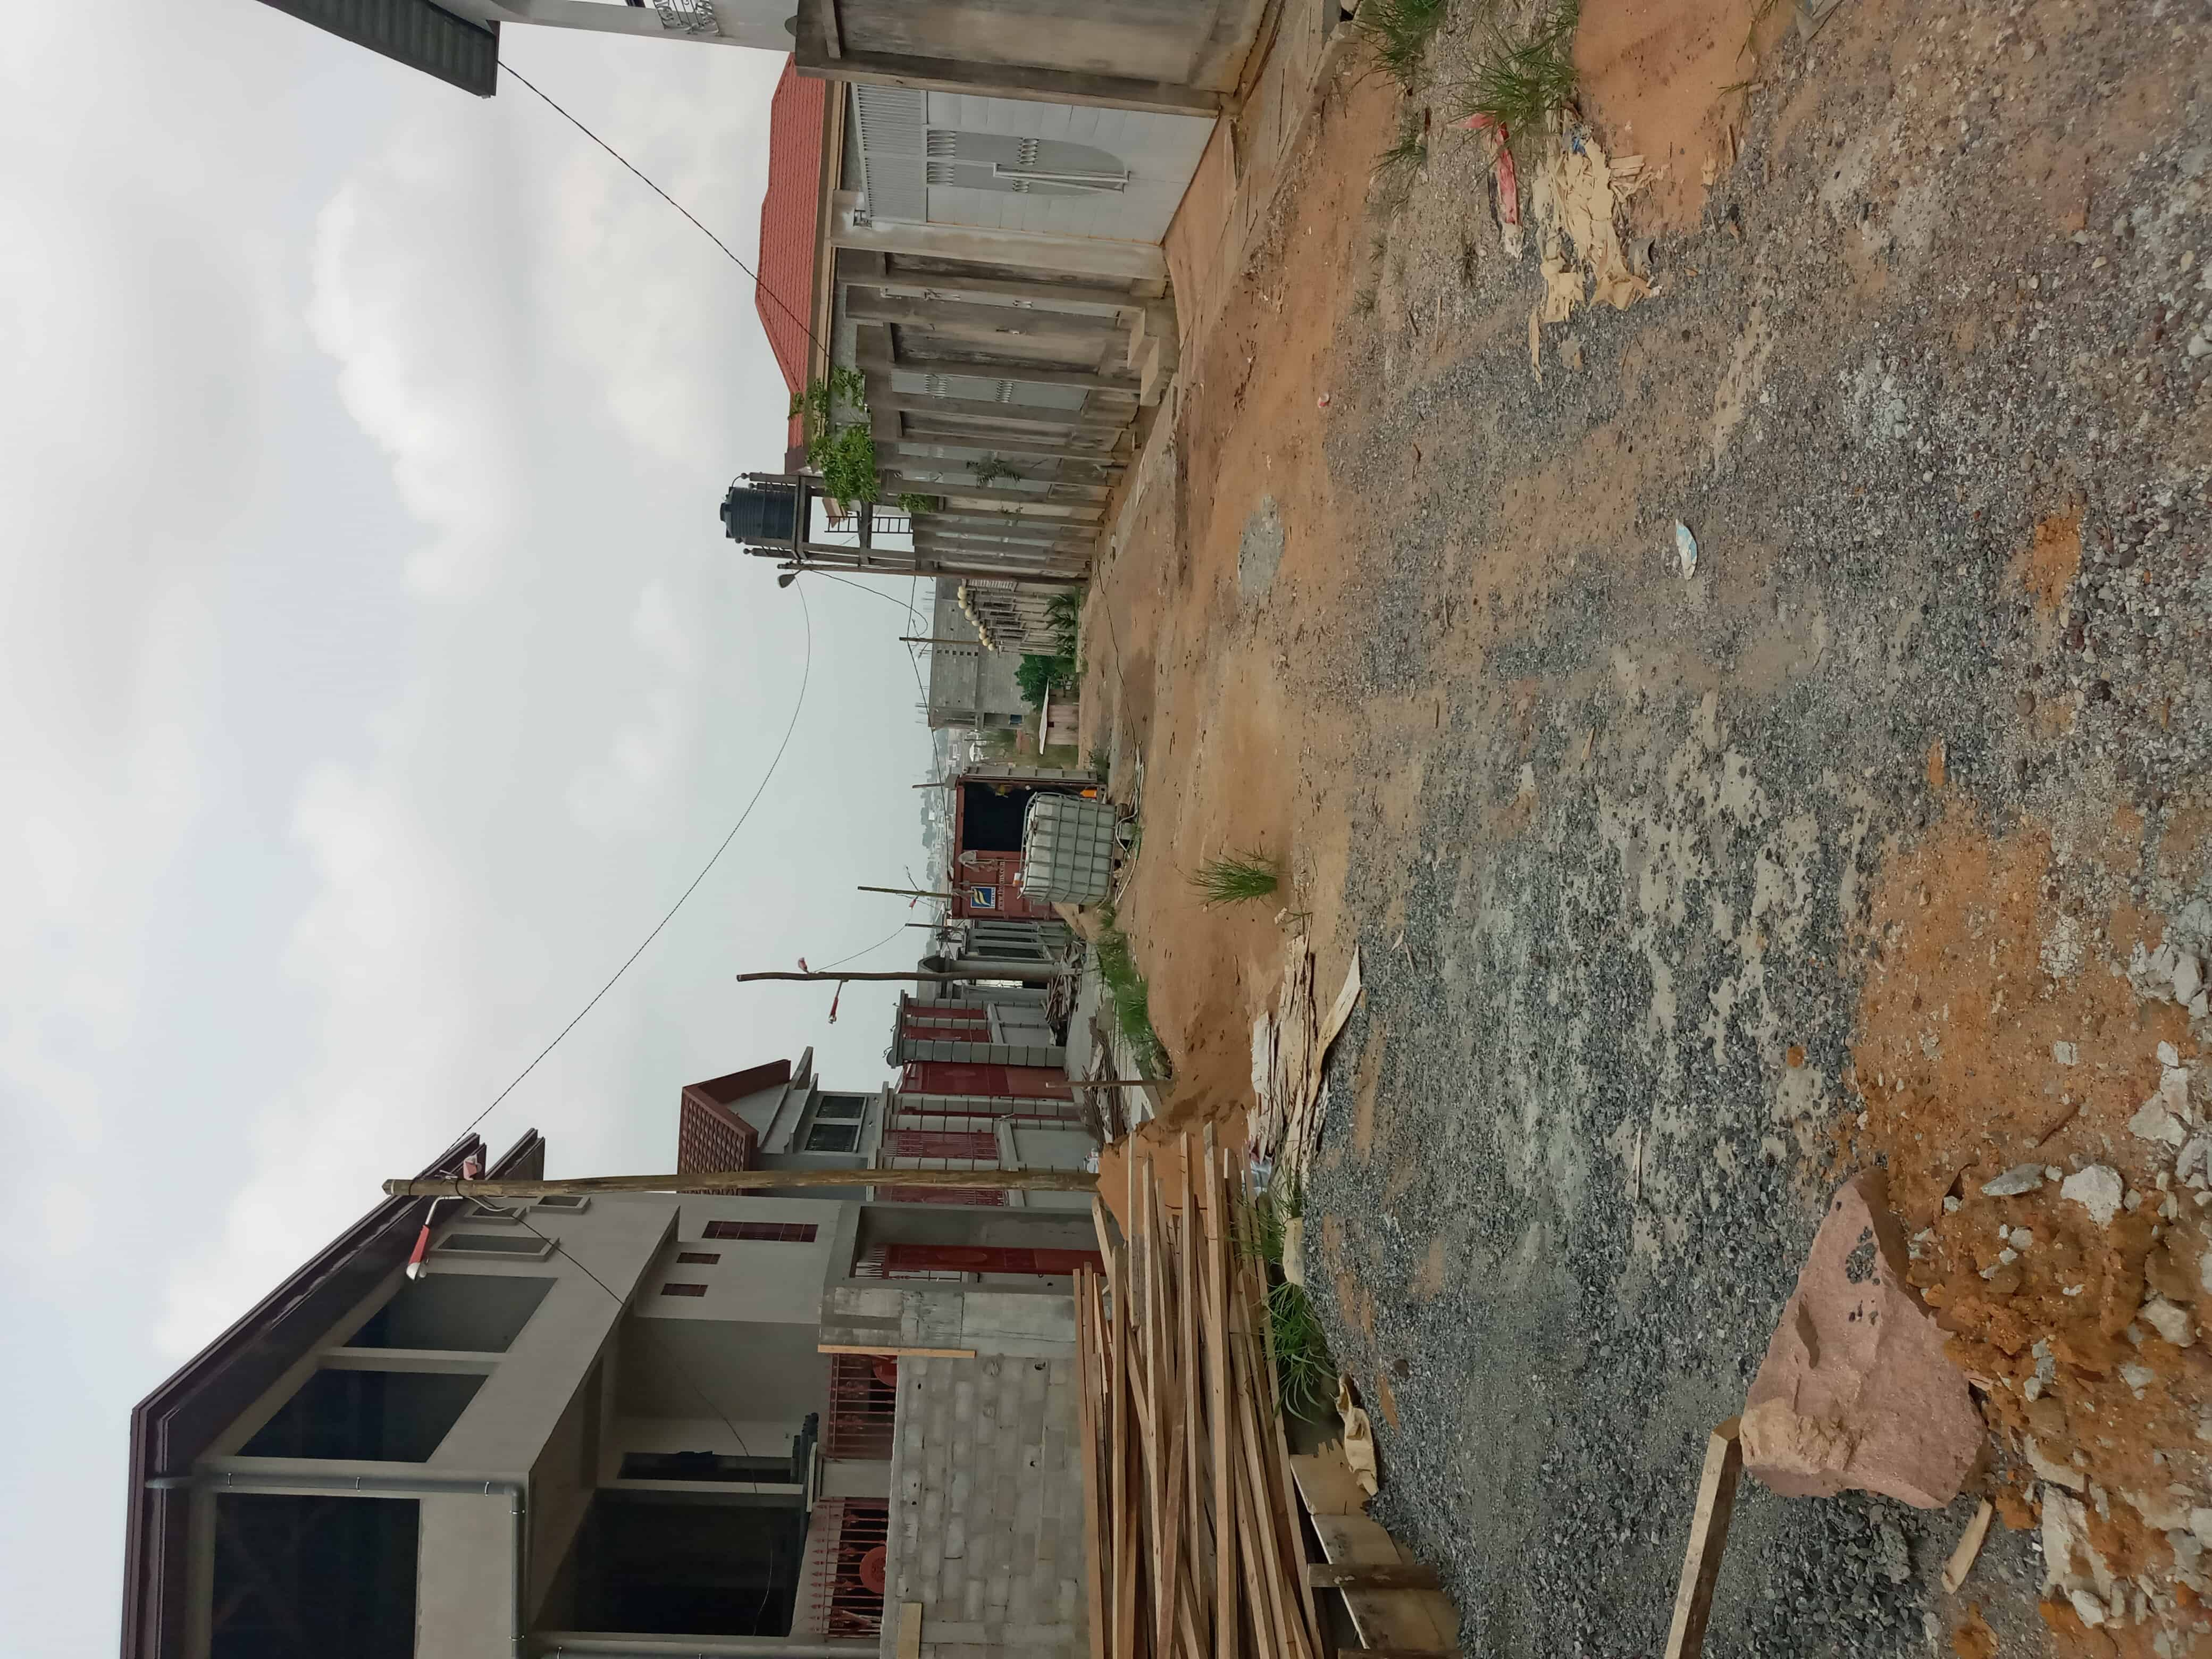 Land for sale at Douala, Yassa, Cité Chirac - 526 m2 - 25 000 000 FCFA